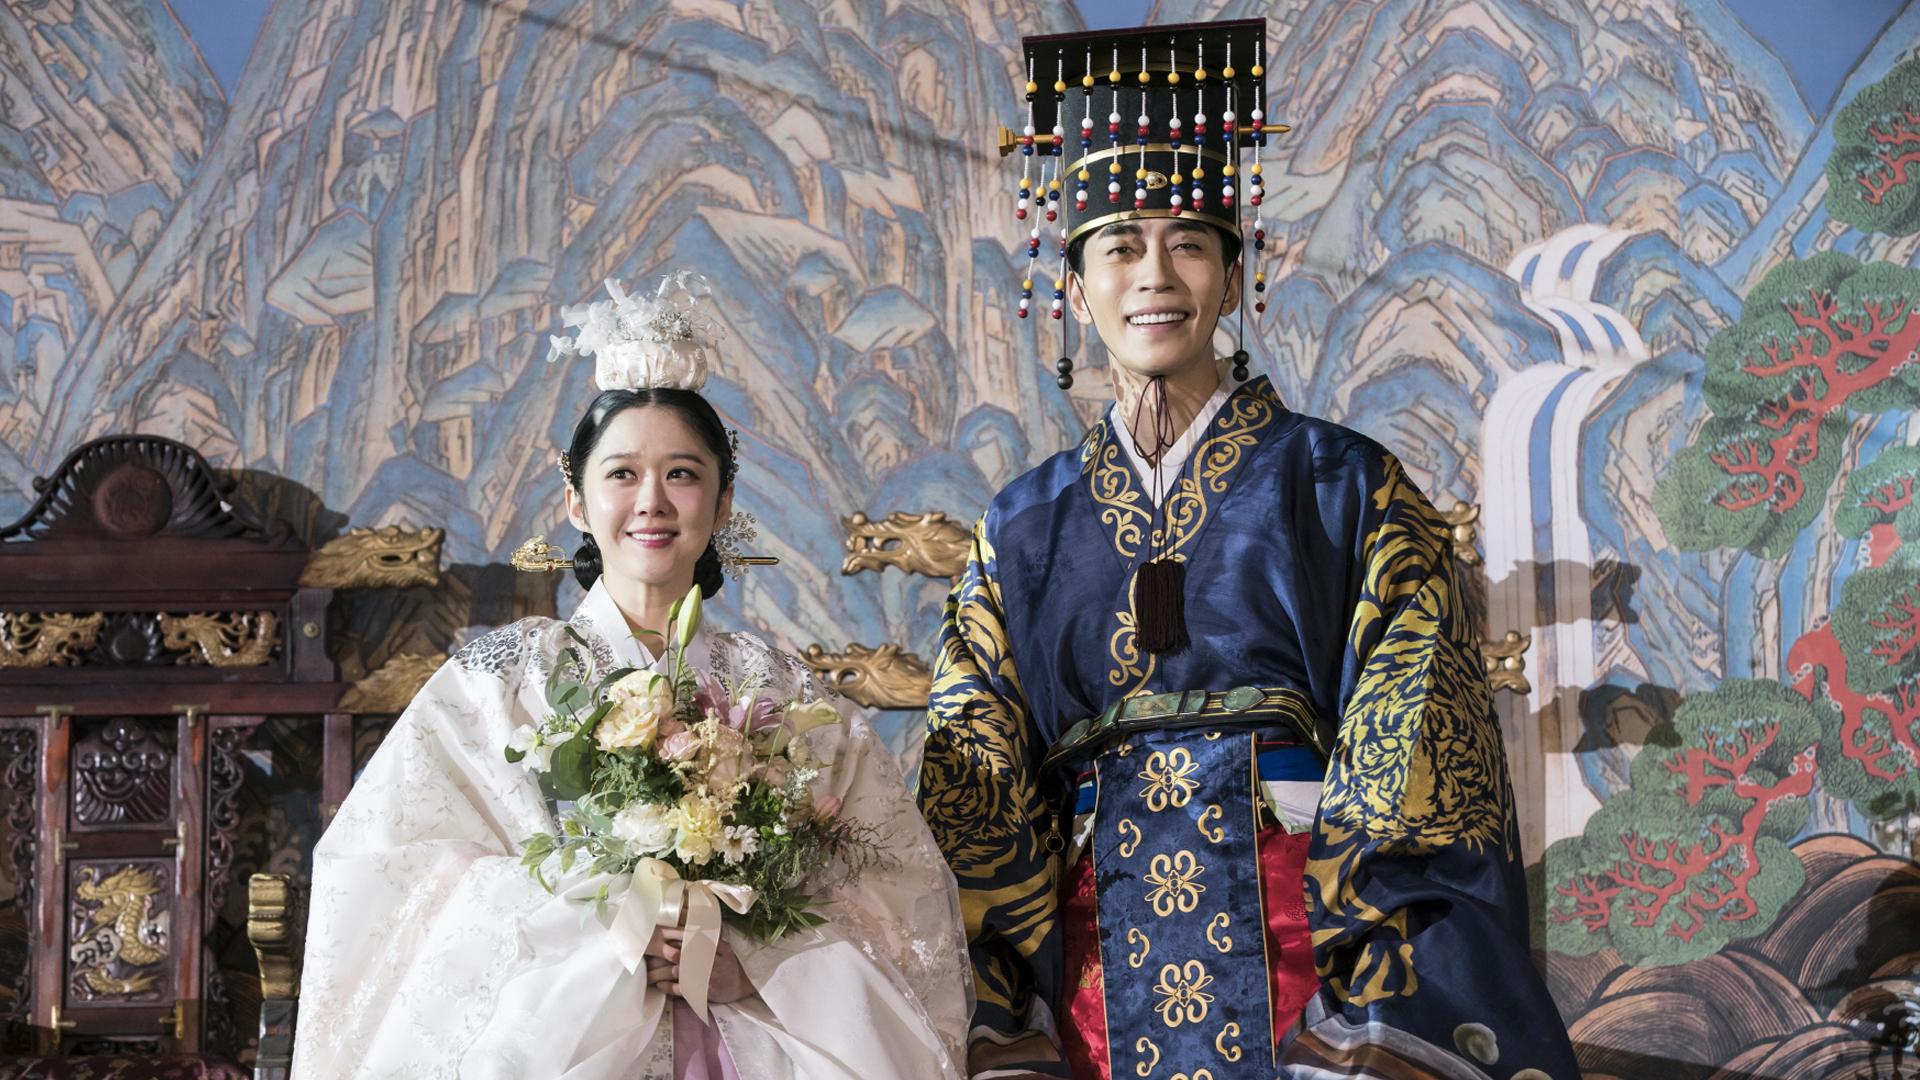 品格 皇后 の 皇后の品格面白い?面白くない感想や評判・口コミを徹底調査!|韓ブログ